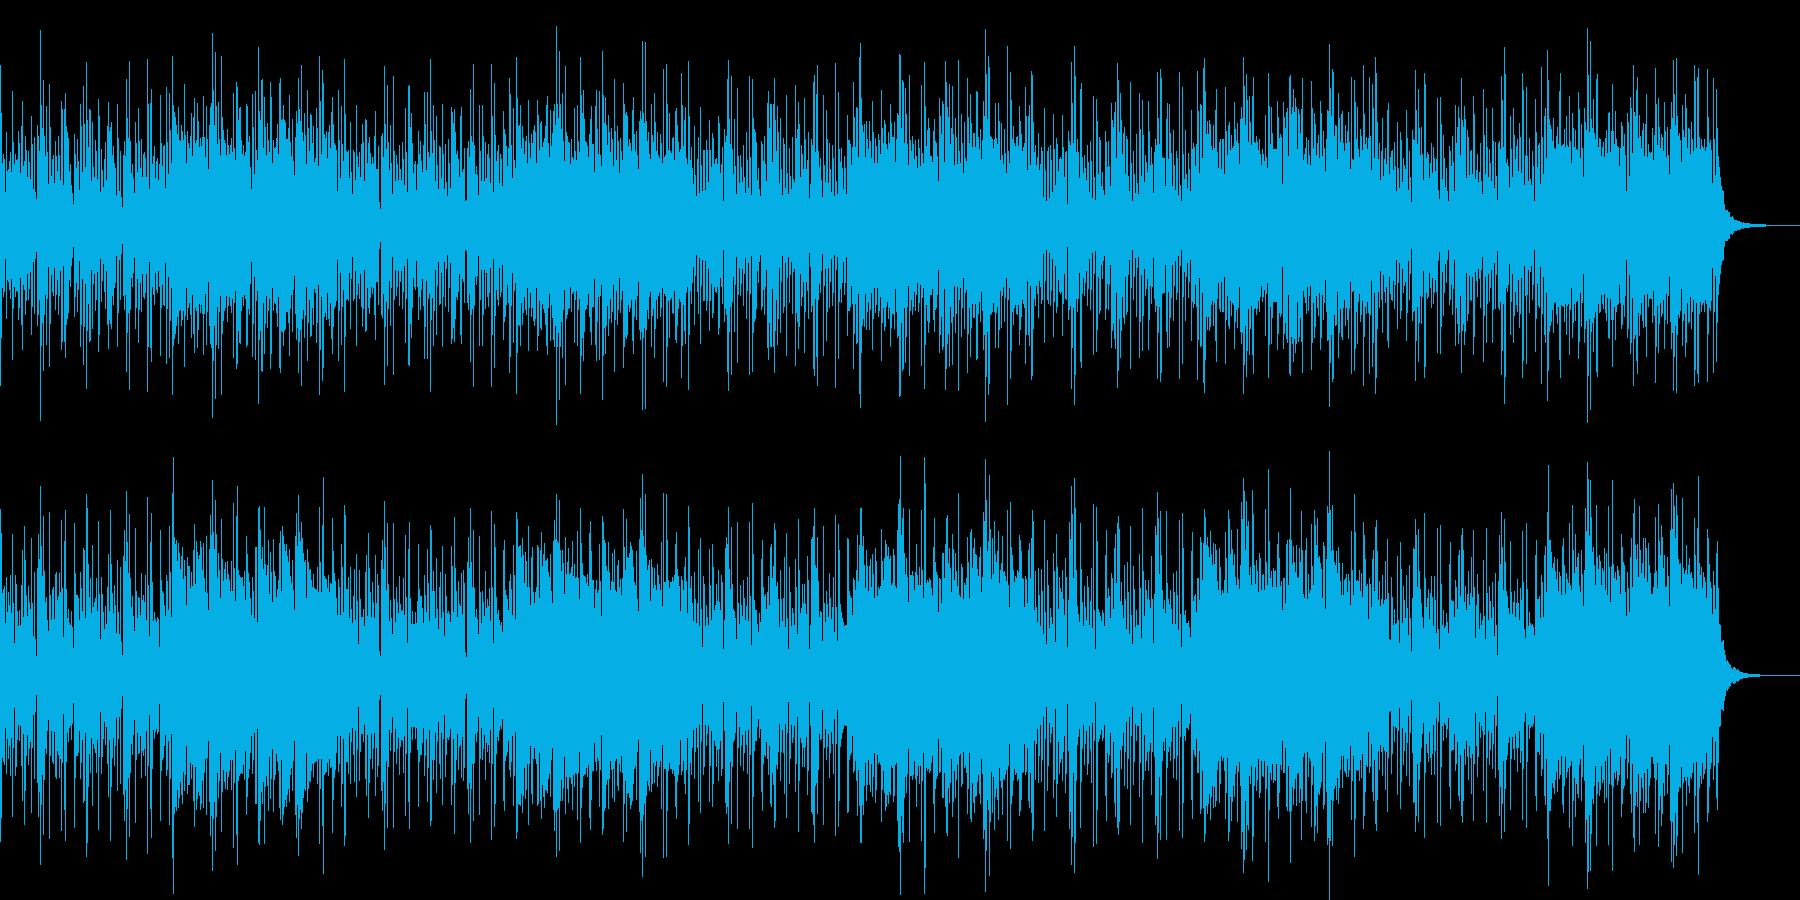 民族ボイス風のみの再生済みの波形